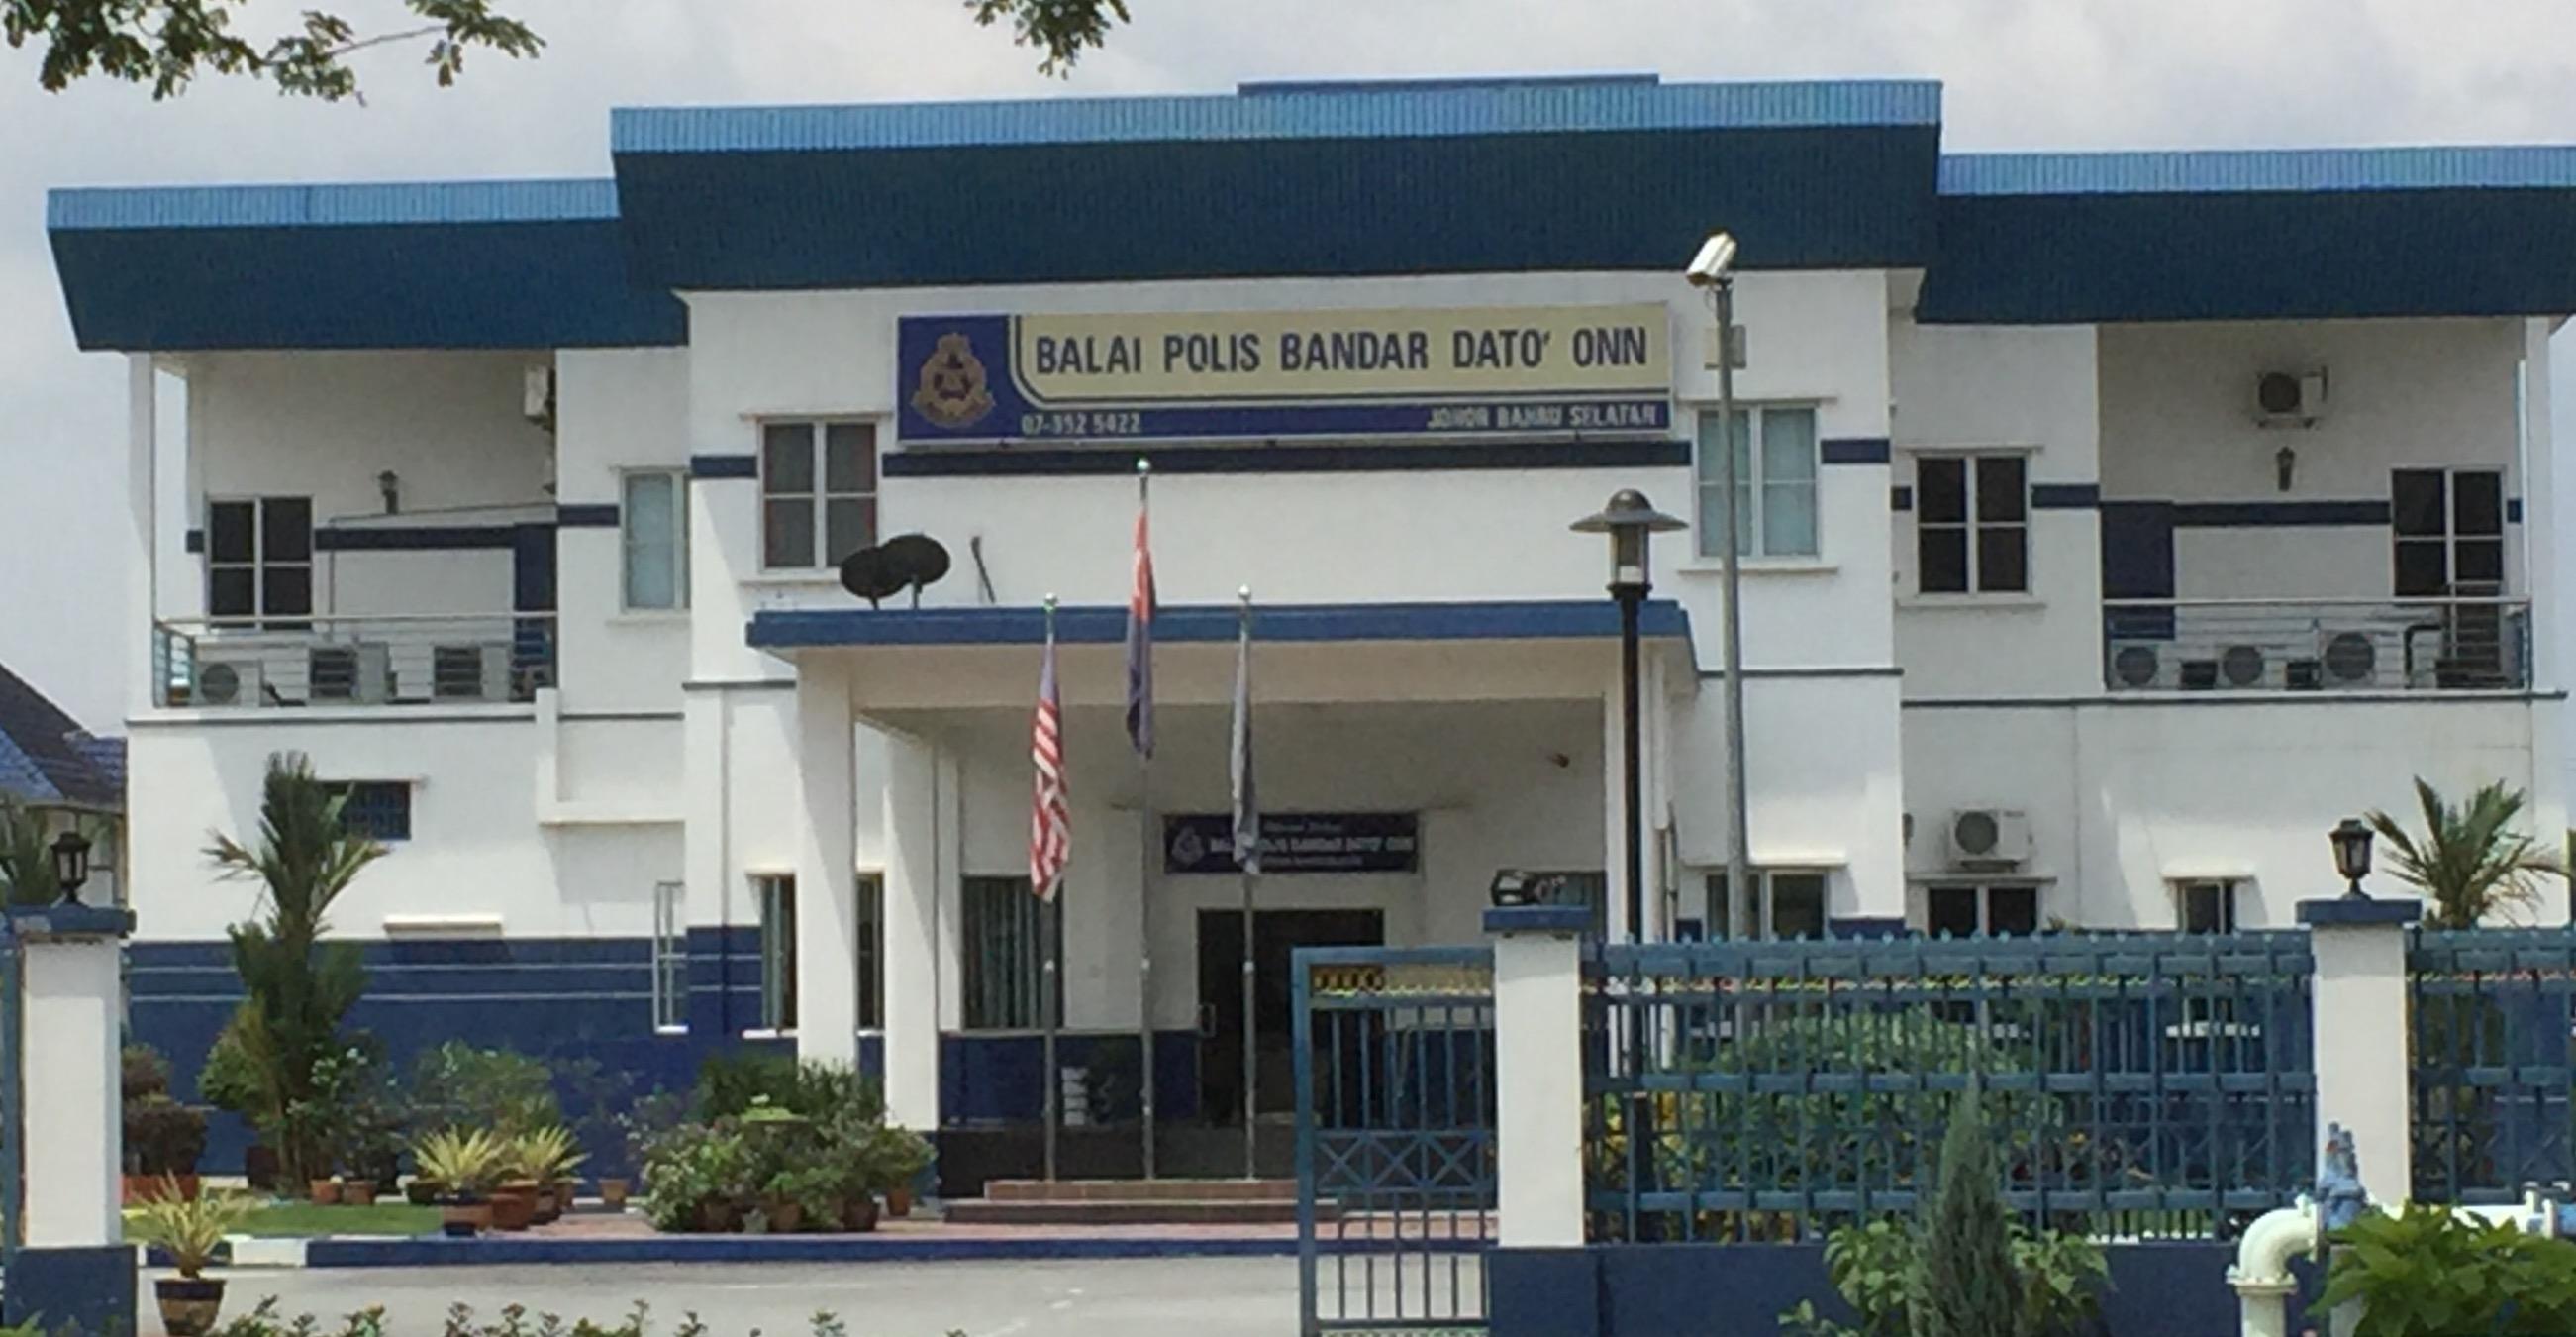 Police Station Bandar Dato Onn, Johor